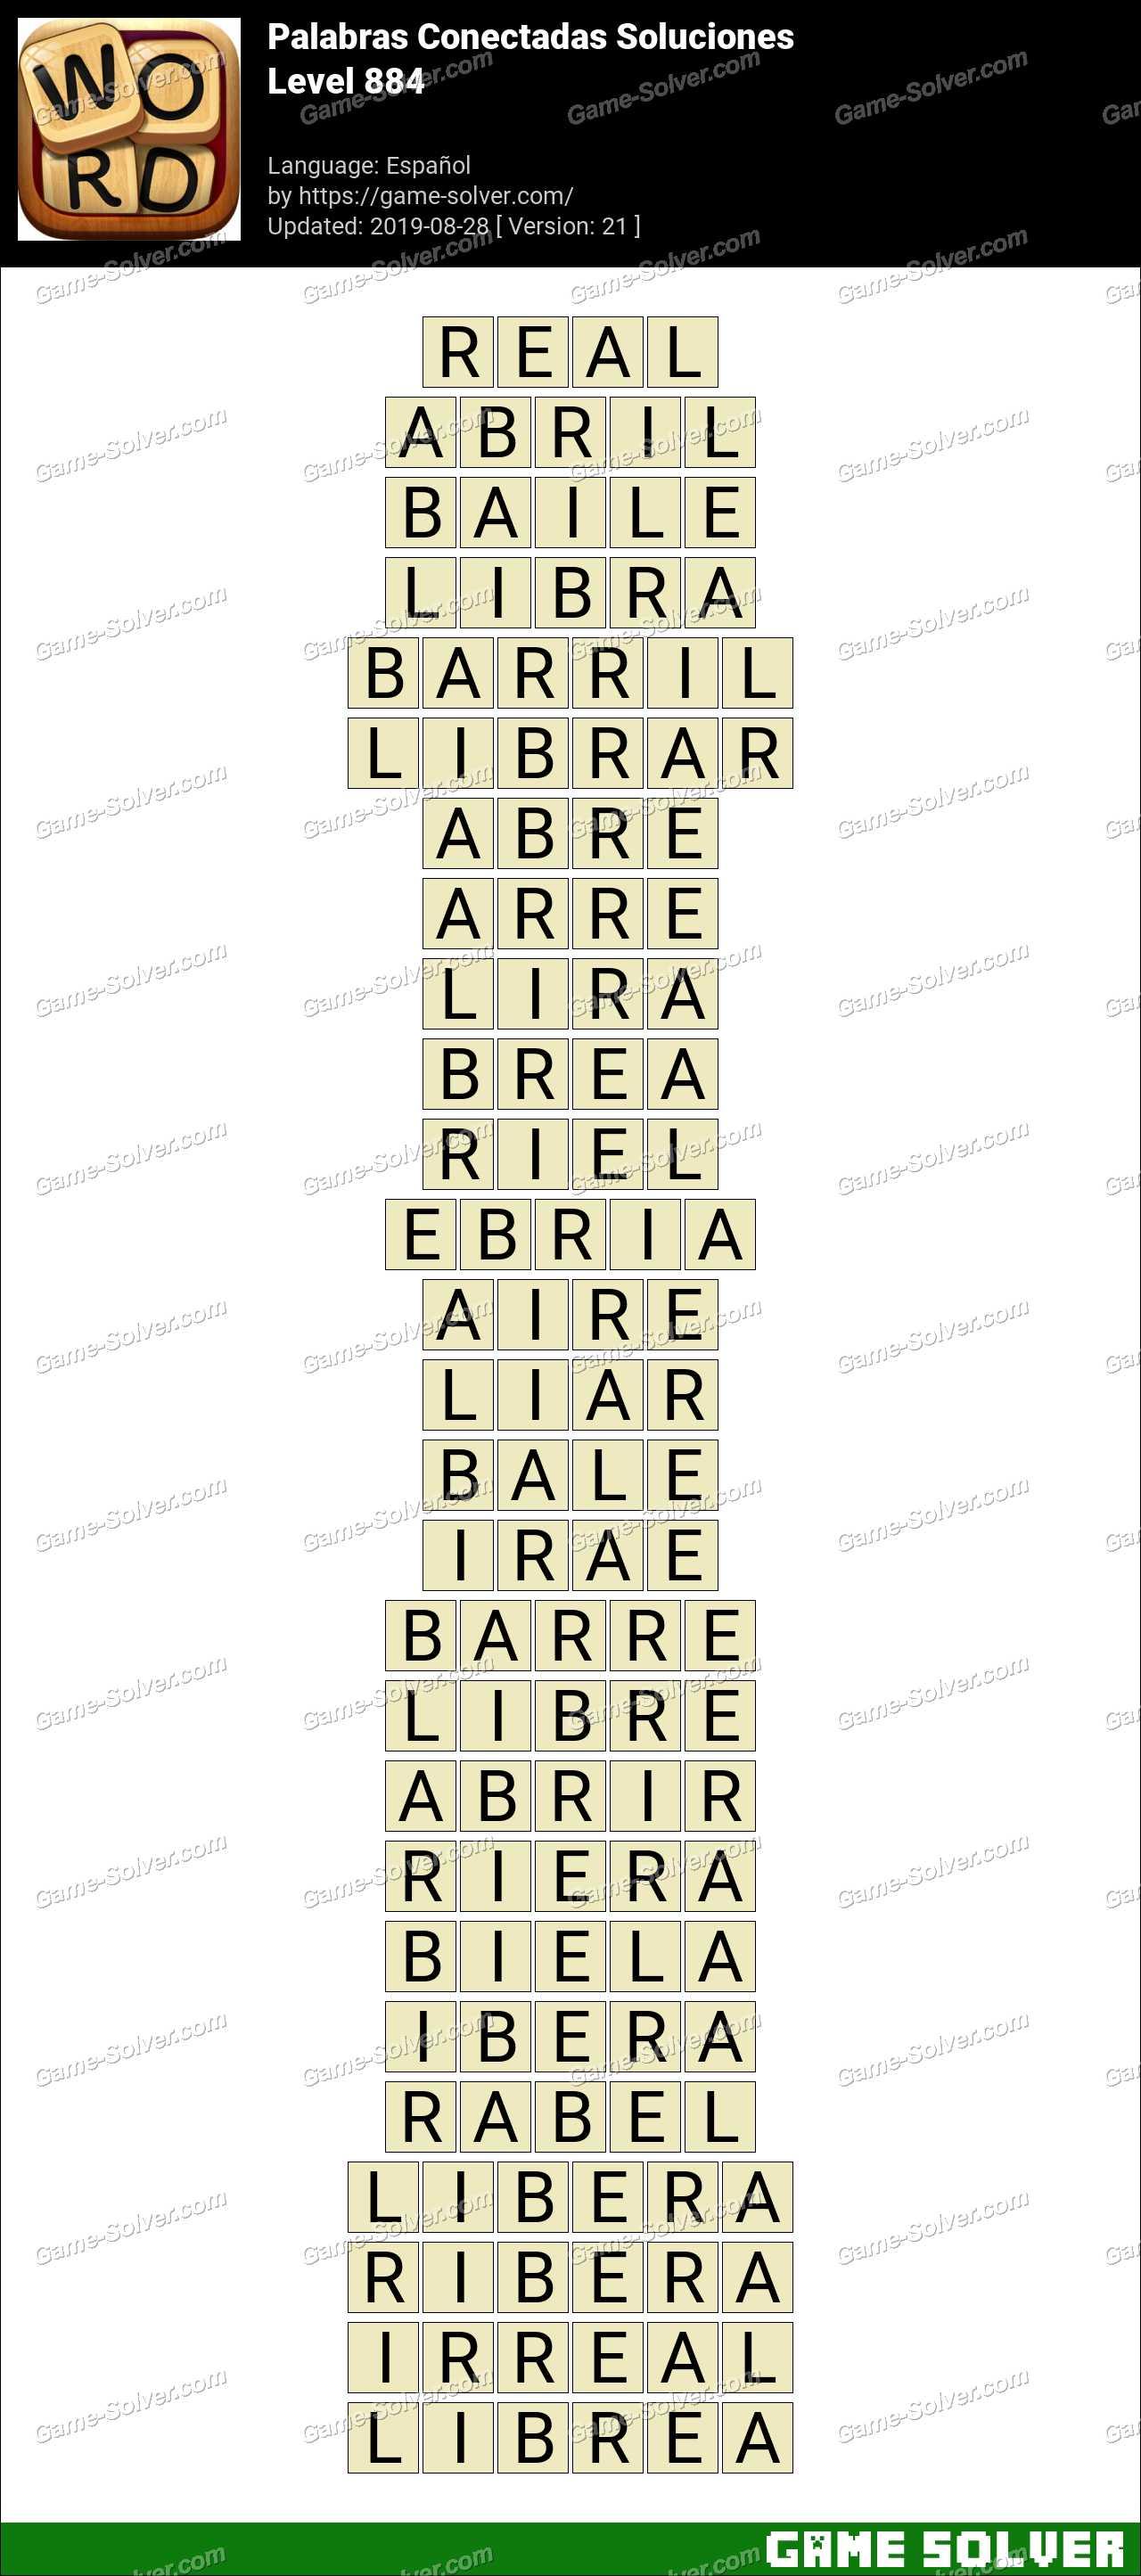 Palabras Conectadas Nivel 884 Soluciones